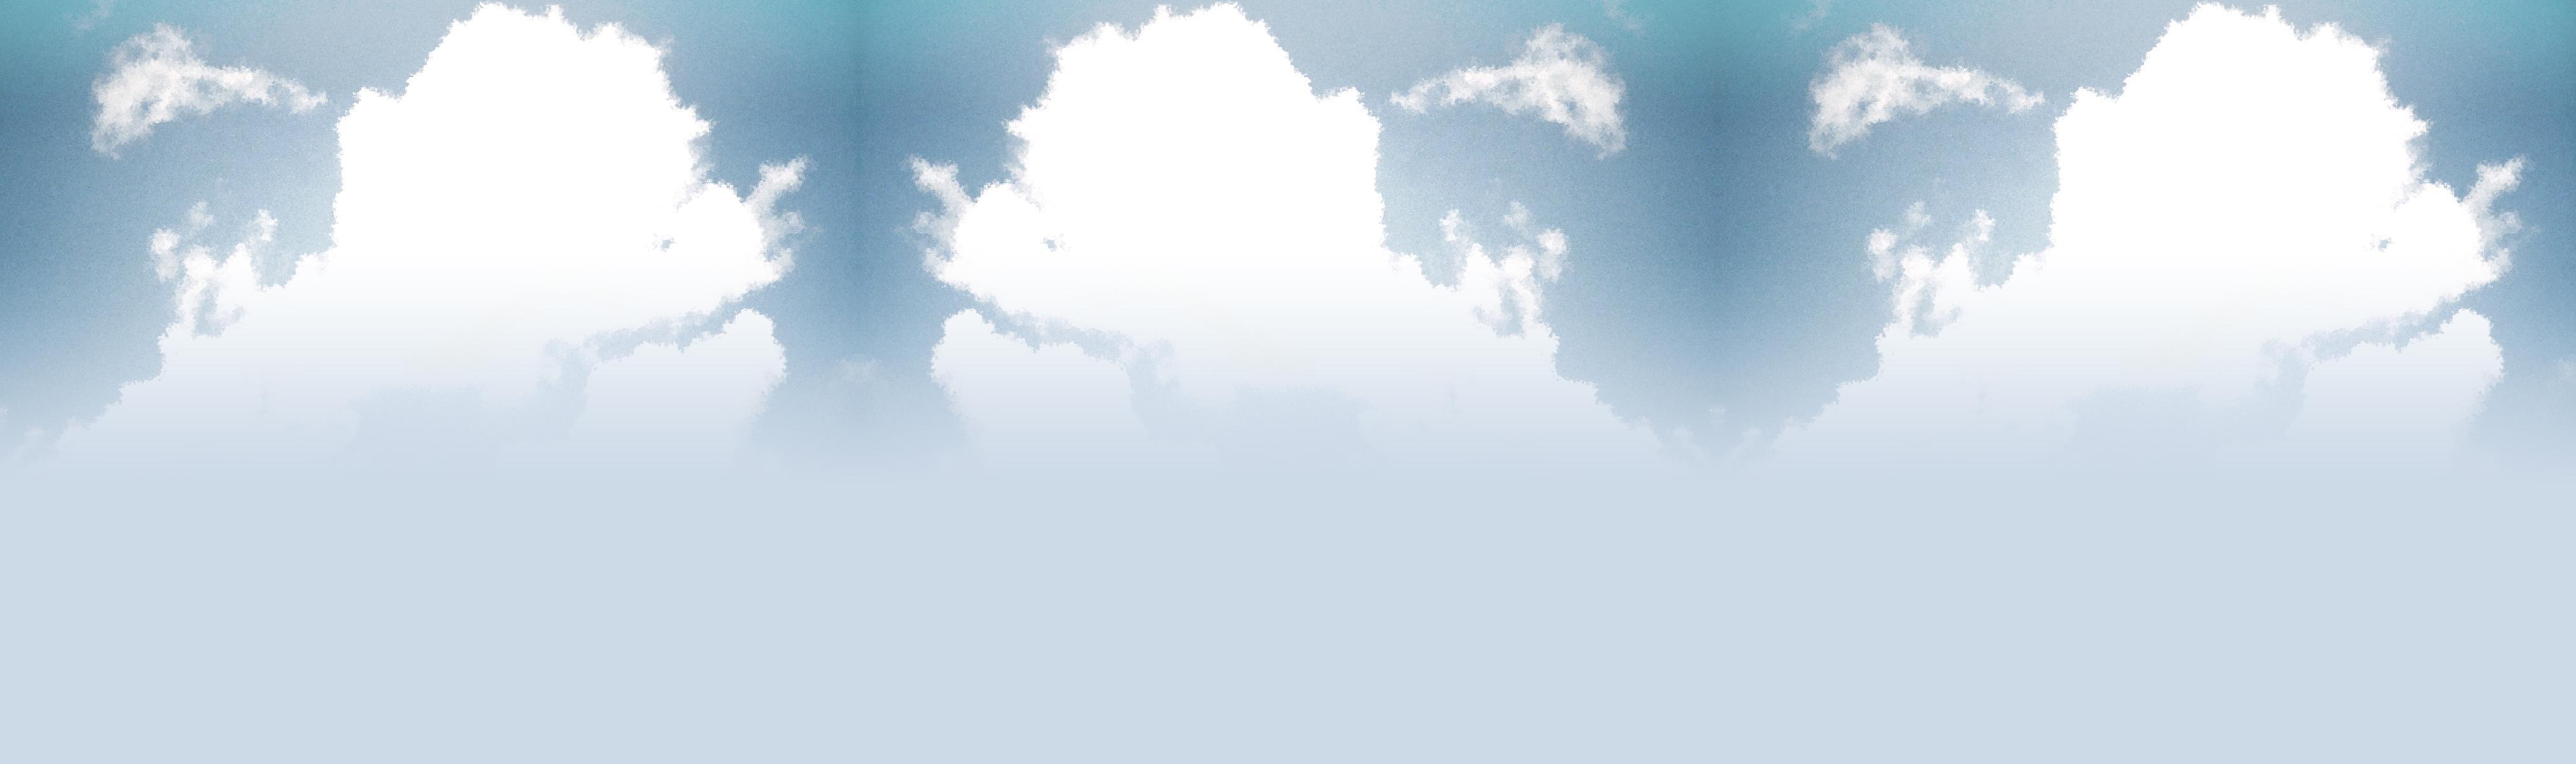 淘宝招牌背景图片图片大全 淡彩背景 淘宝装修素材